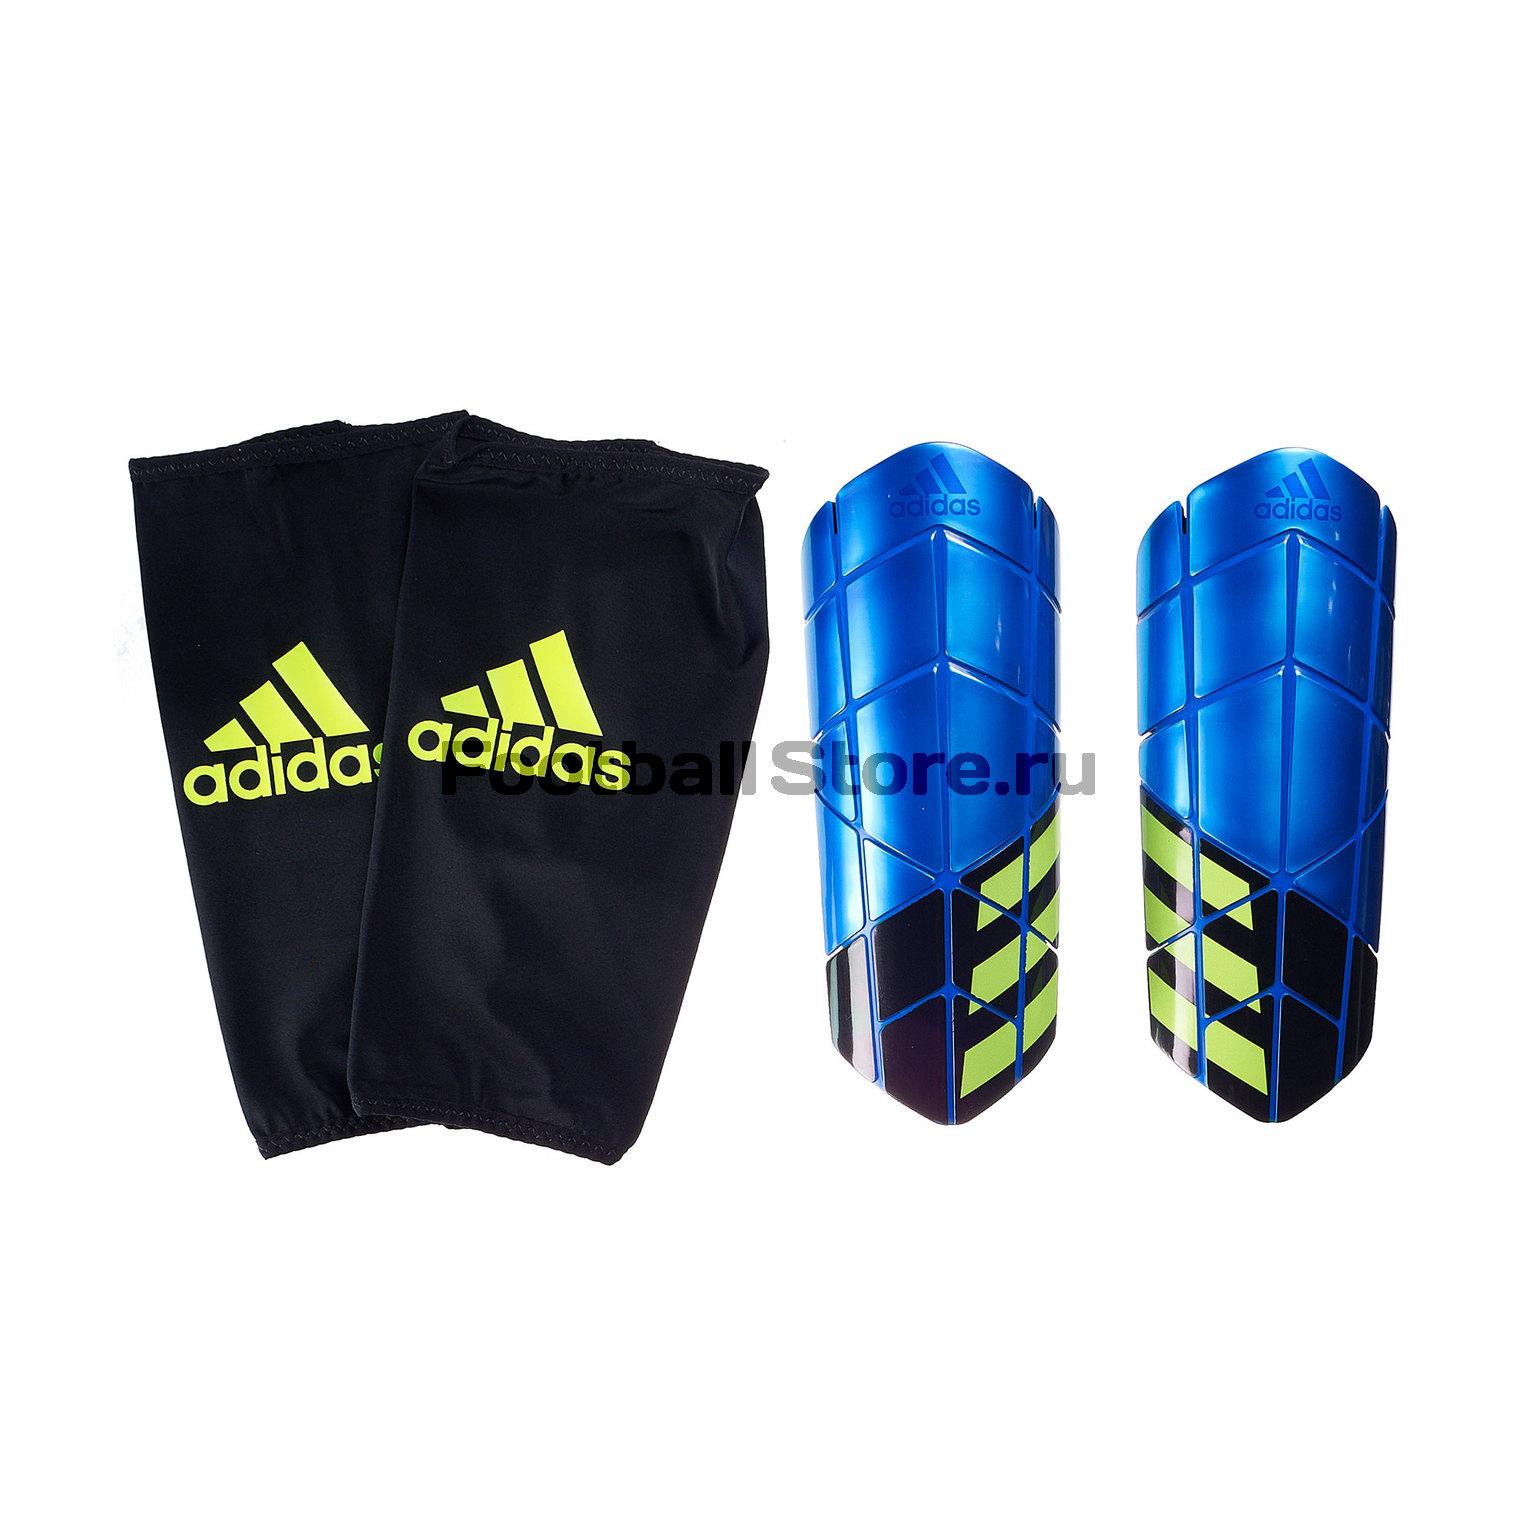 Щитки футбольные Adidas X Pro CW9712